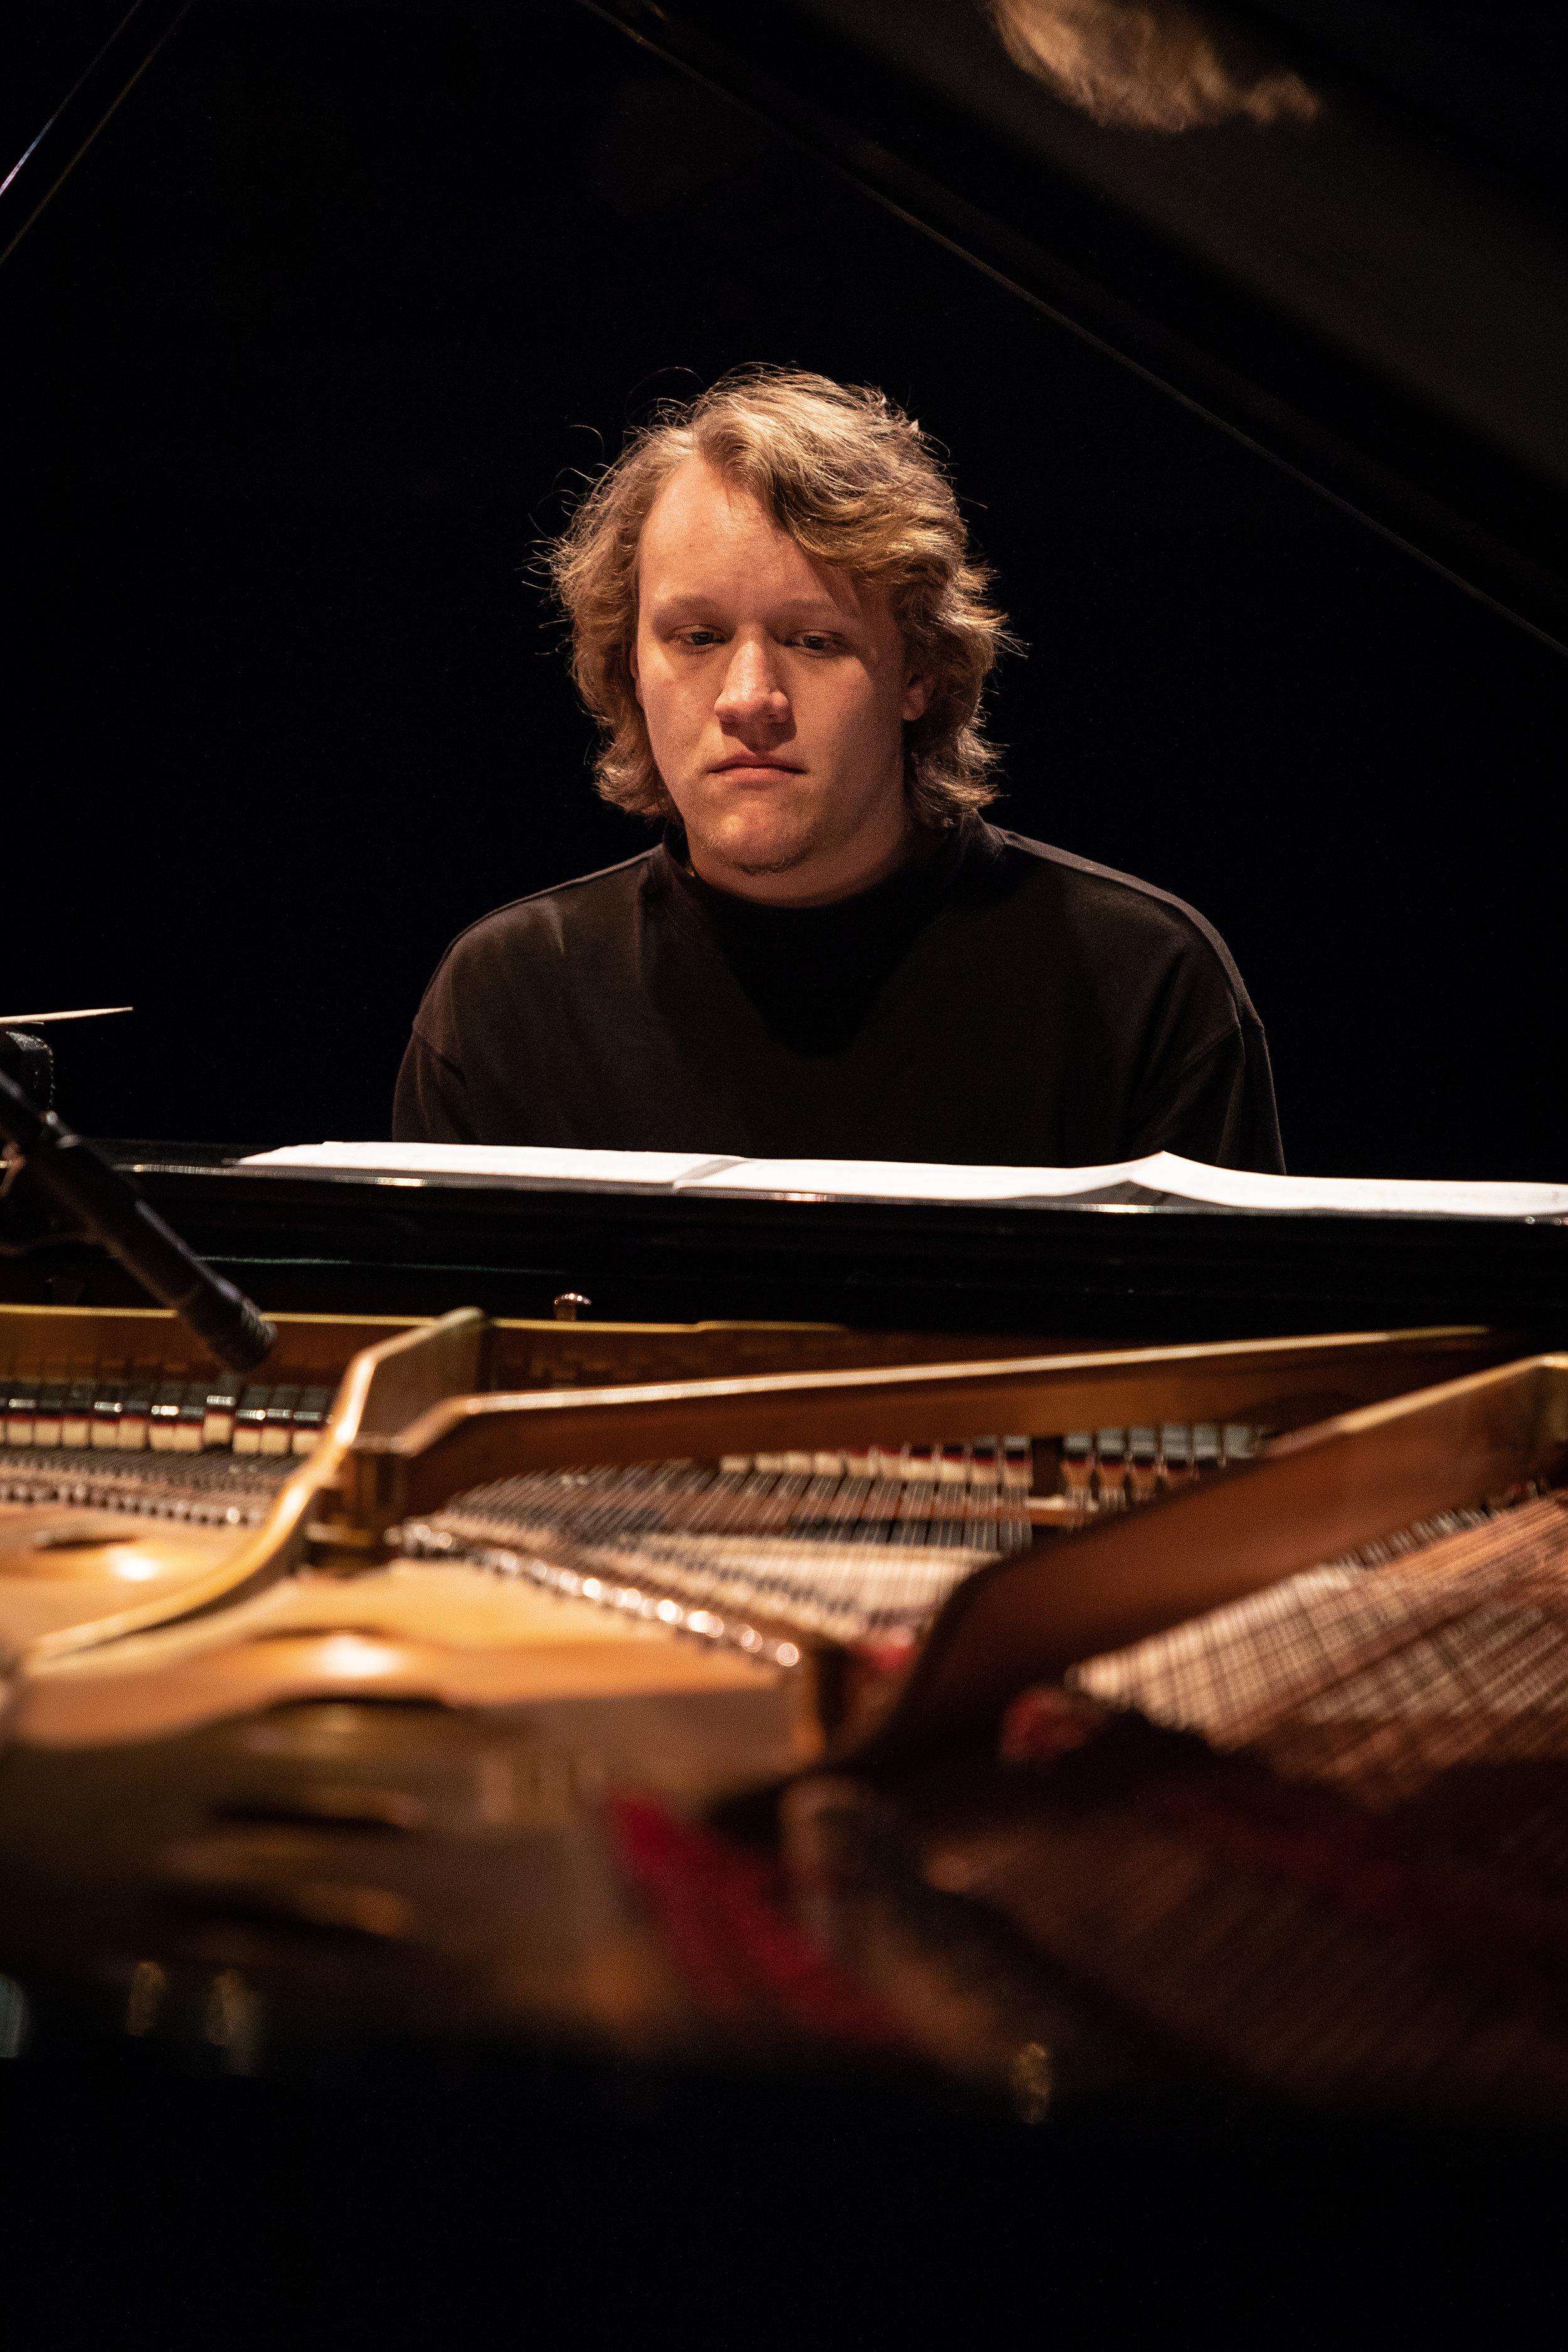 uwmusic-jazzhonorsband-042718-9375a.jpg